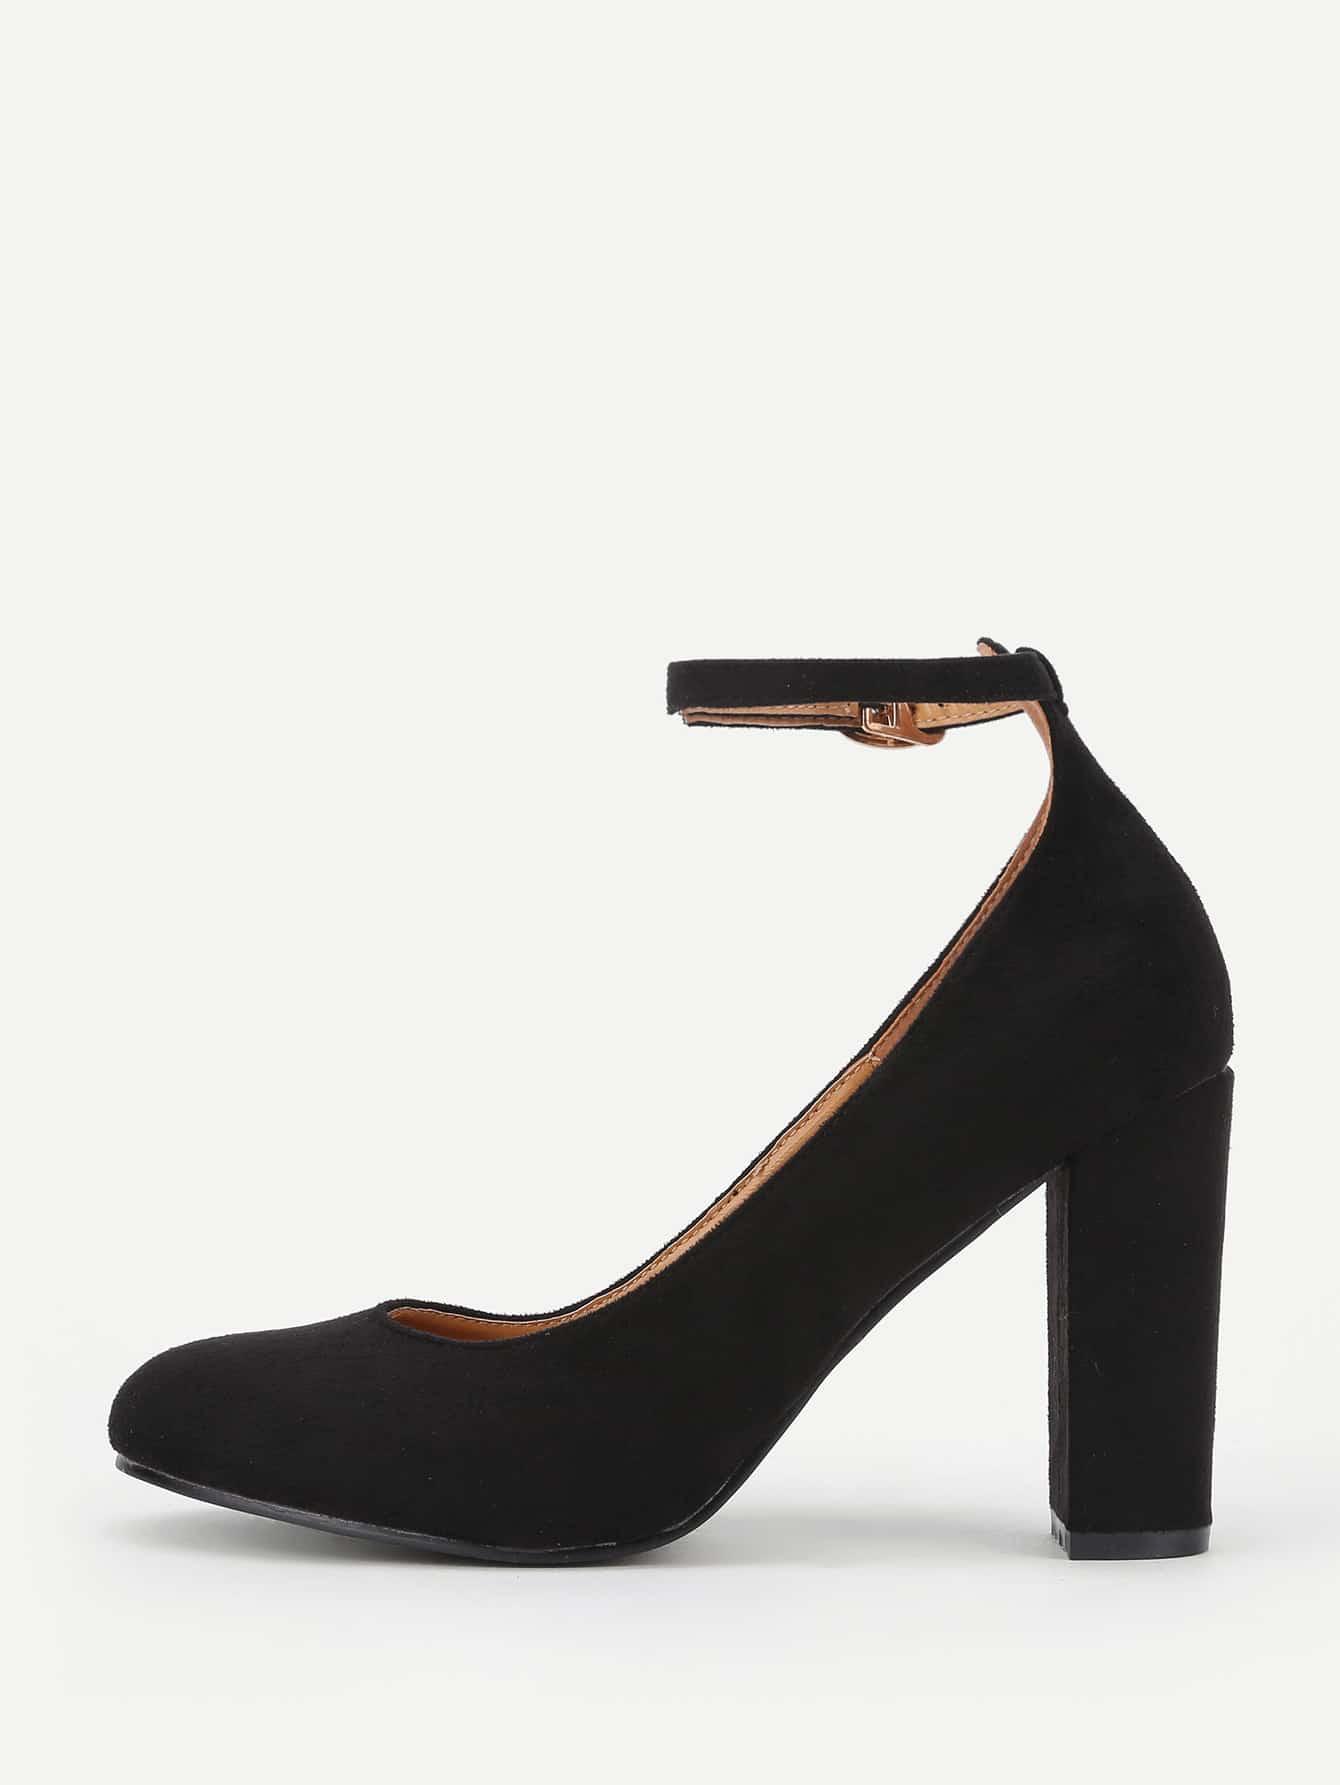 escarpins - noir, rose, sexy, rouge & talon haute | romwe